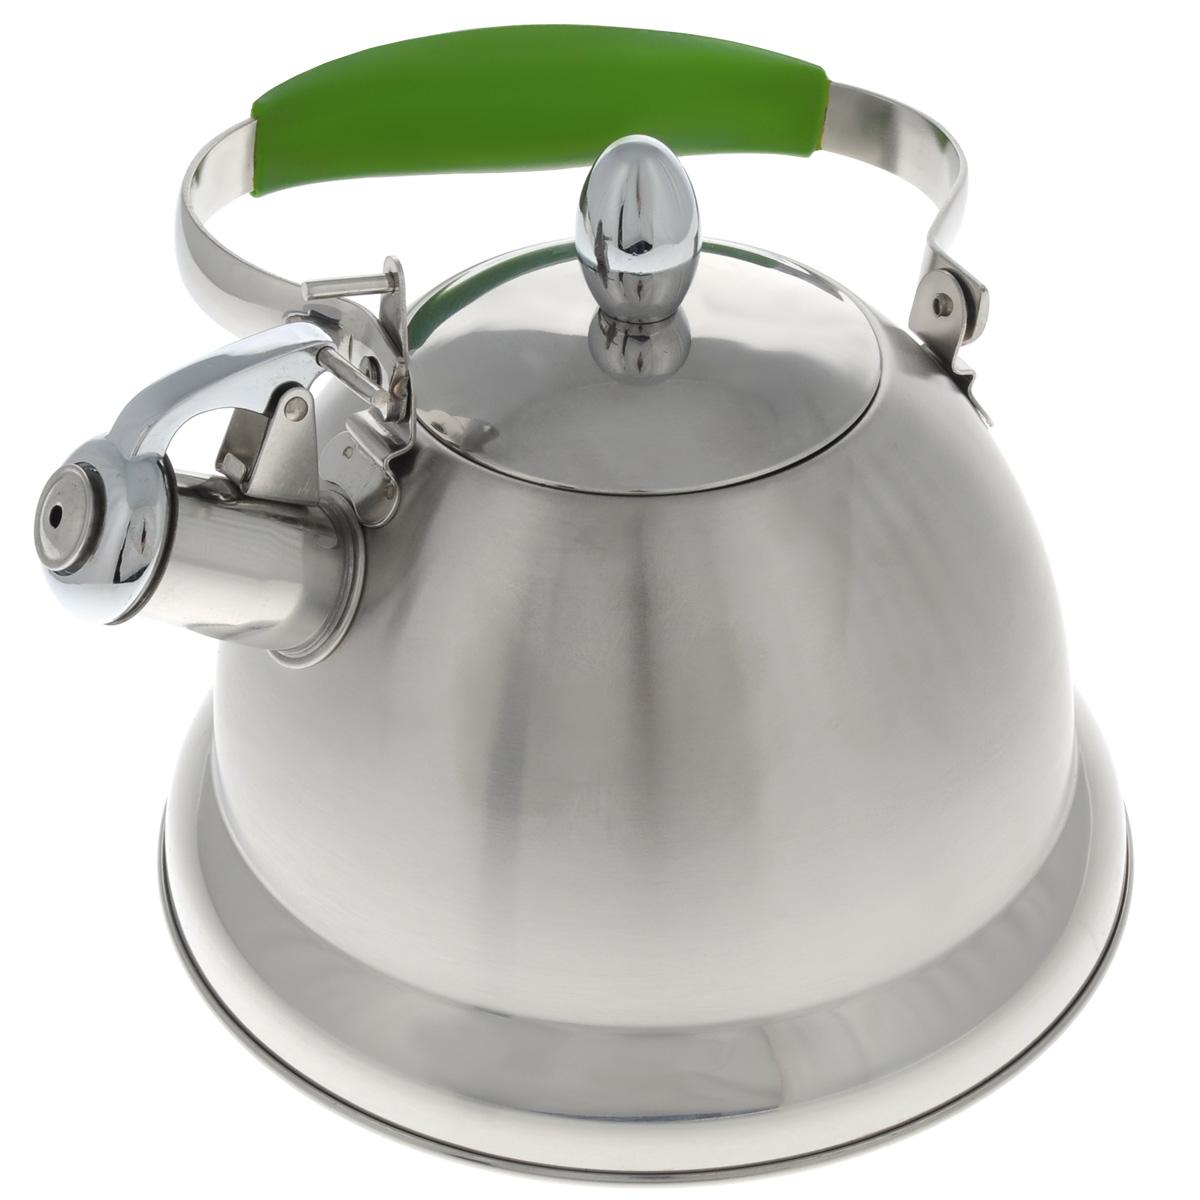 Чайник Mayer & Boch, со свистком, цвет: салатовый, стальной, 3 л. 2320623206_салатовый, стальнойЧайник Mayer & Boch выполнен из высококачественной нержавеющей стали, что обеспечивает долговечность использования. Сочетание матовой и глянцевой поверхности придает посуде эстетичный внешний вид. Ручка оснащена силиконовой вставкой для предотвращения ожогов на руках. Чайник снабжен свистком и устройством для открывания носика. Можно мыть в посудомоечной машине. Пригоден для газовой, электрической, стеклокерамической, галогеновой плиты. Диаметр (по верхнему краю): 10 см. Высота чайника (без учета крышки и ручки): 14 см. Диаметр основания: 22 см.